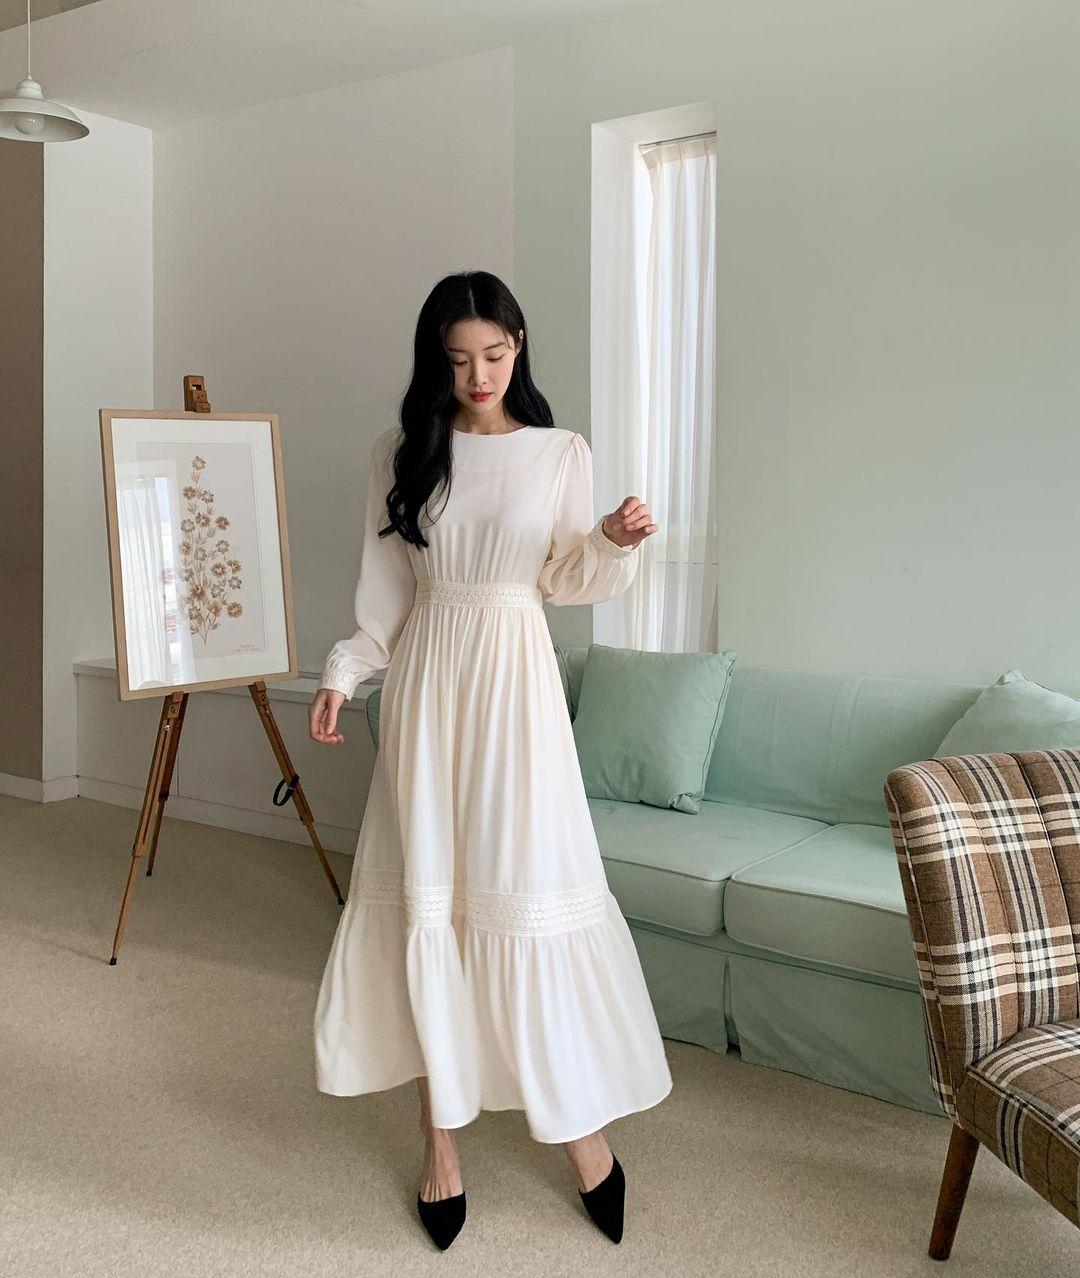 Hè đến là gái Hàn lại diện đủ kiểu váy trắng siêu trẻ xinh và tinh tế, xem mà muốn sắm cả 'lố' về nhà - Ảnh 3